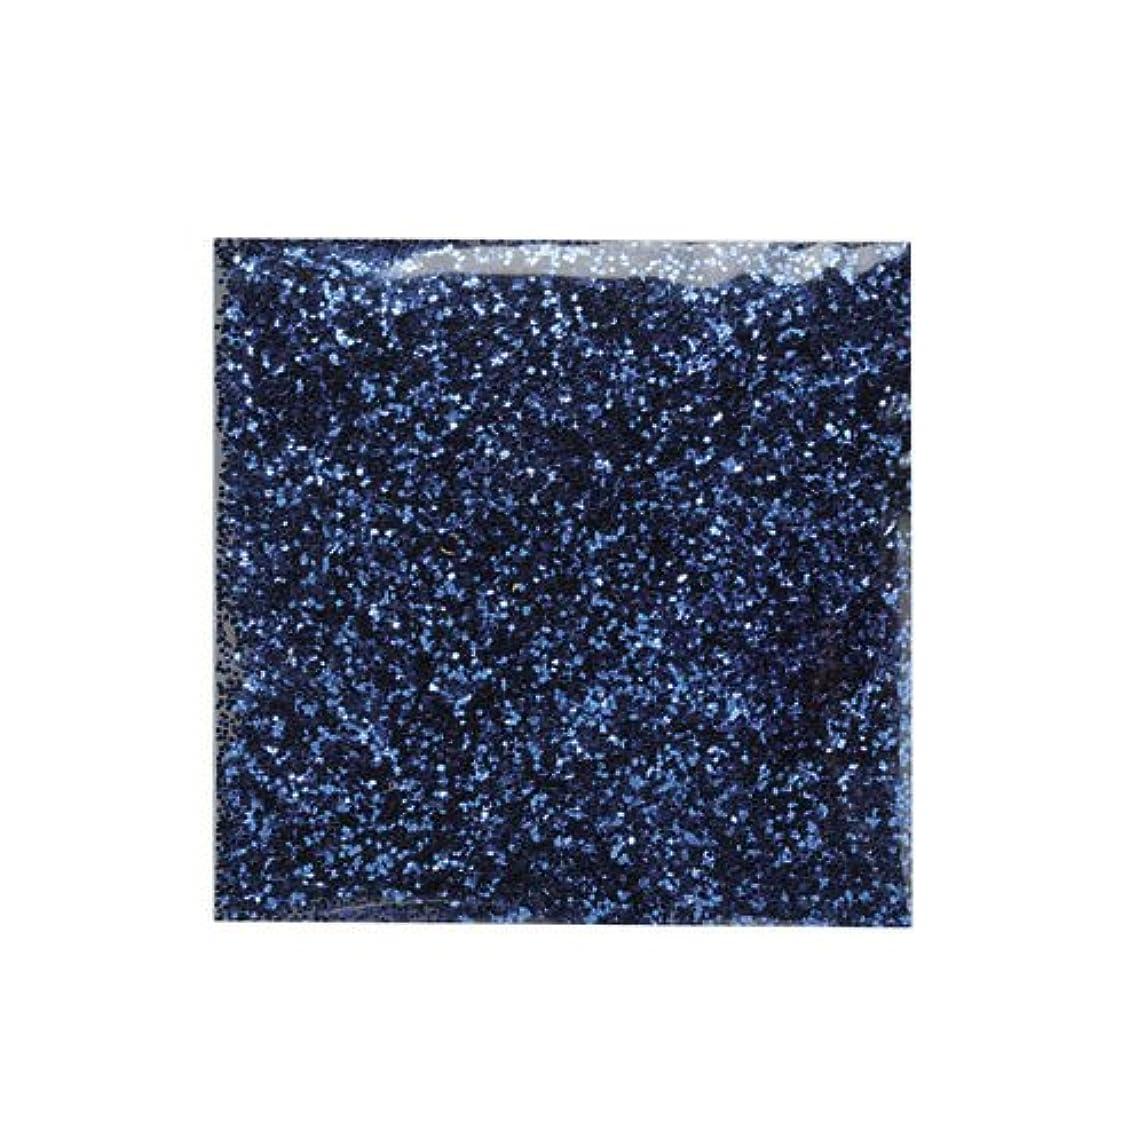 わがまま横に加速度ピカエース ネイル用パウダー ピカエース ラメメタリック M #536 ブルー 2g アート材